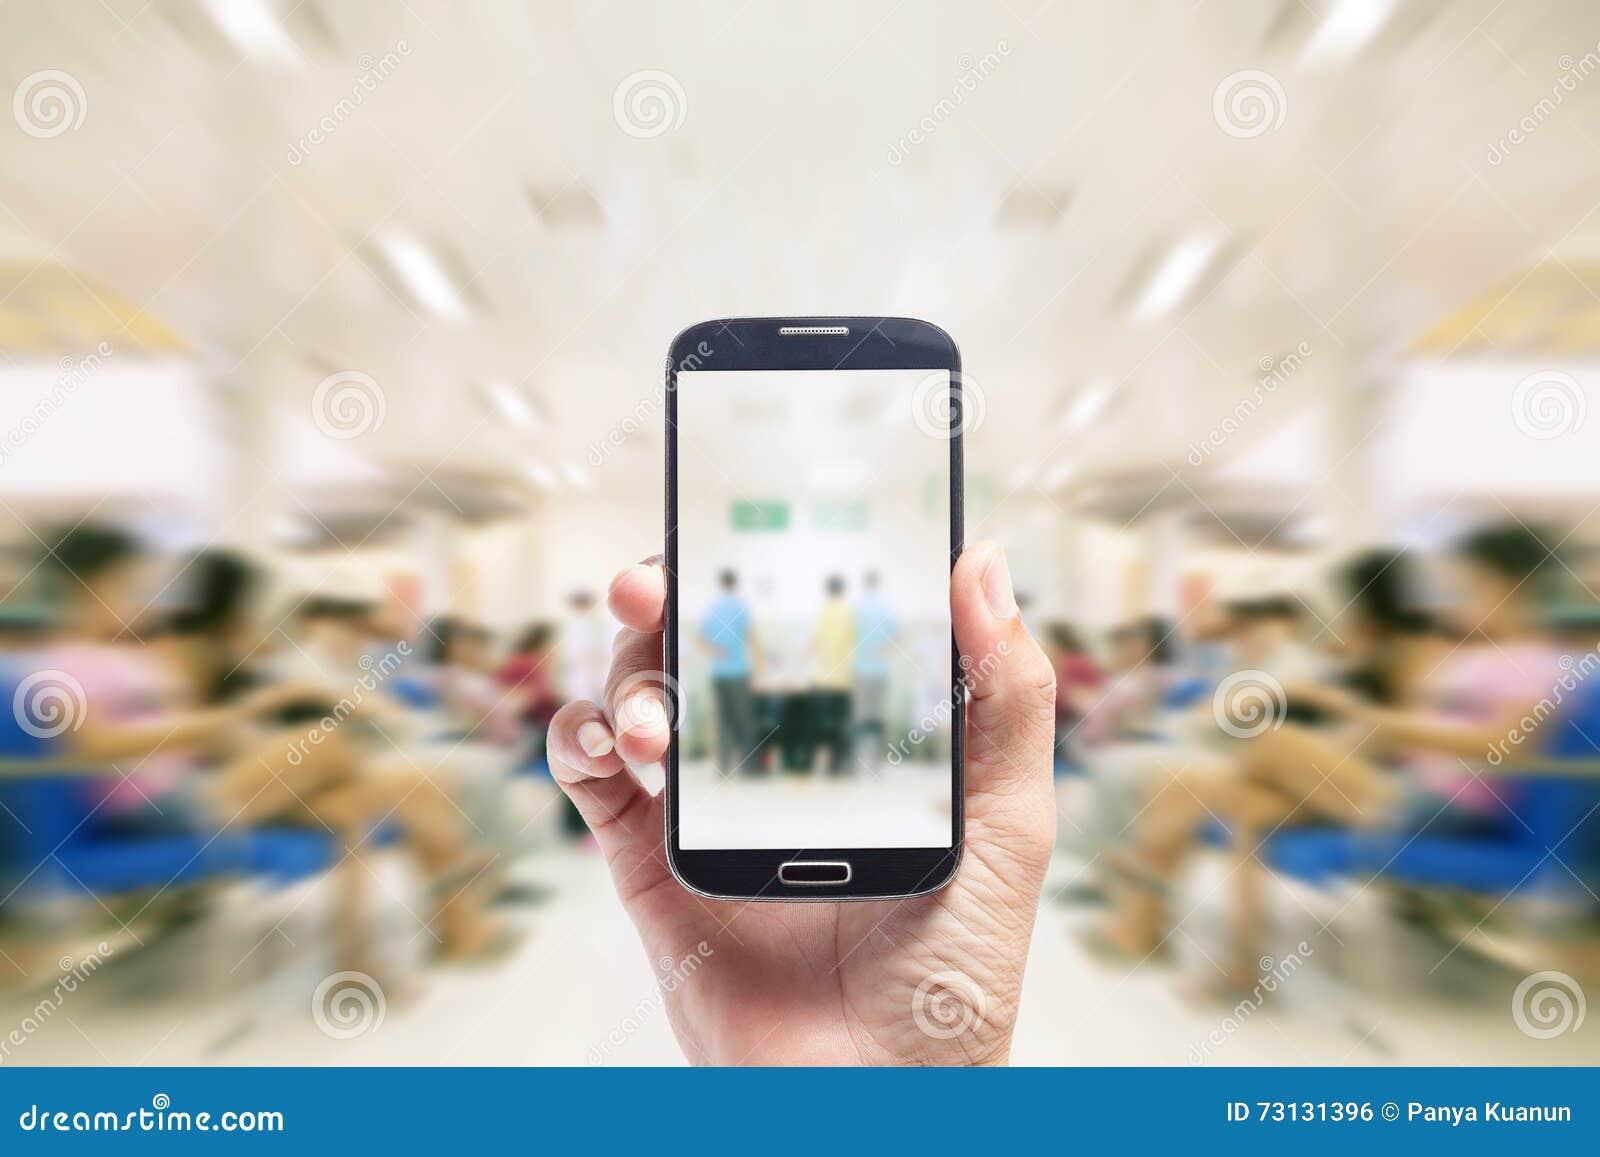 För asiatisk smart telefon handhåll för man, på suddig bakgrundspatient w